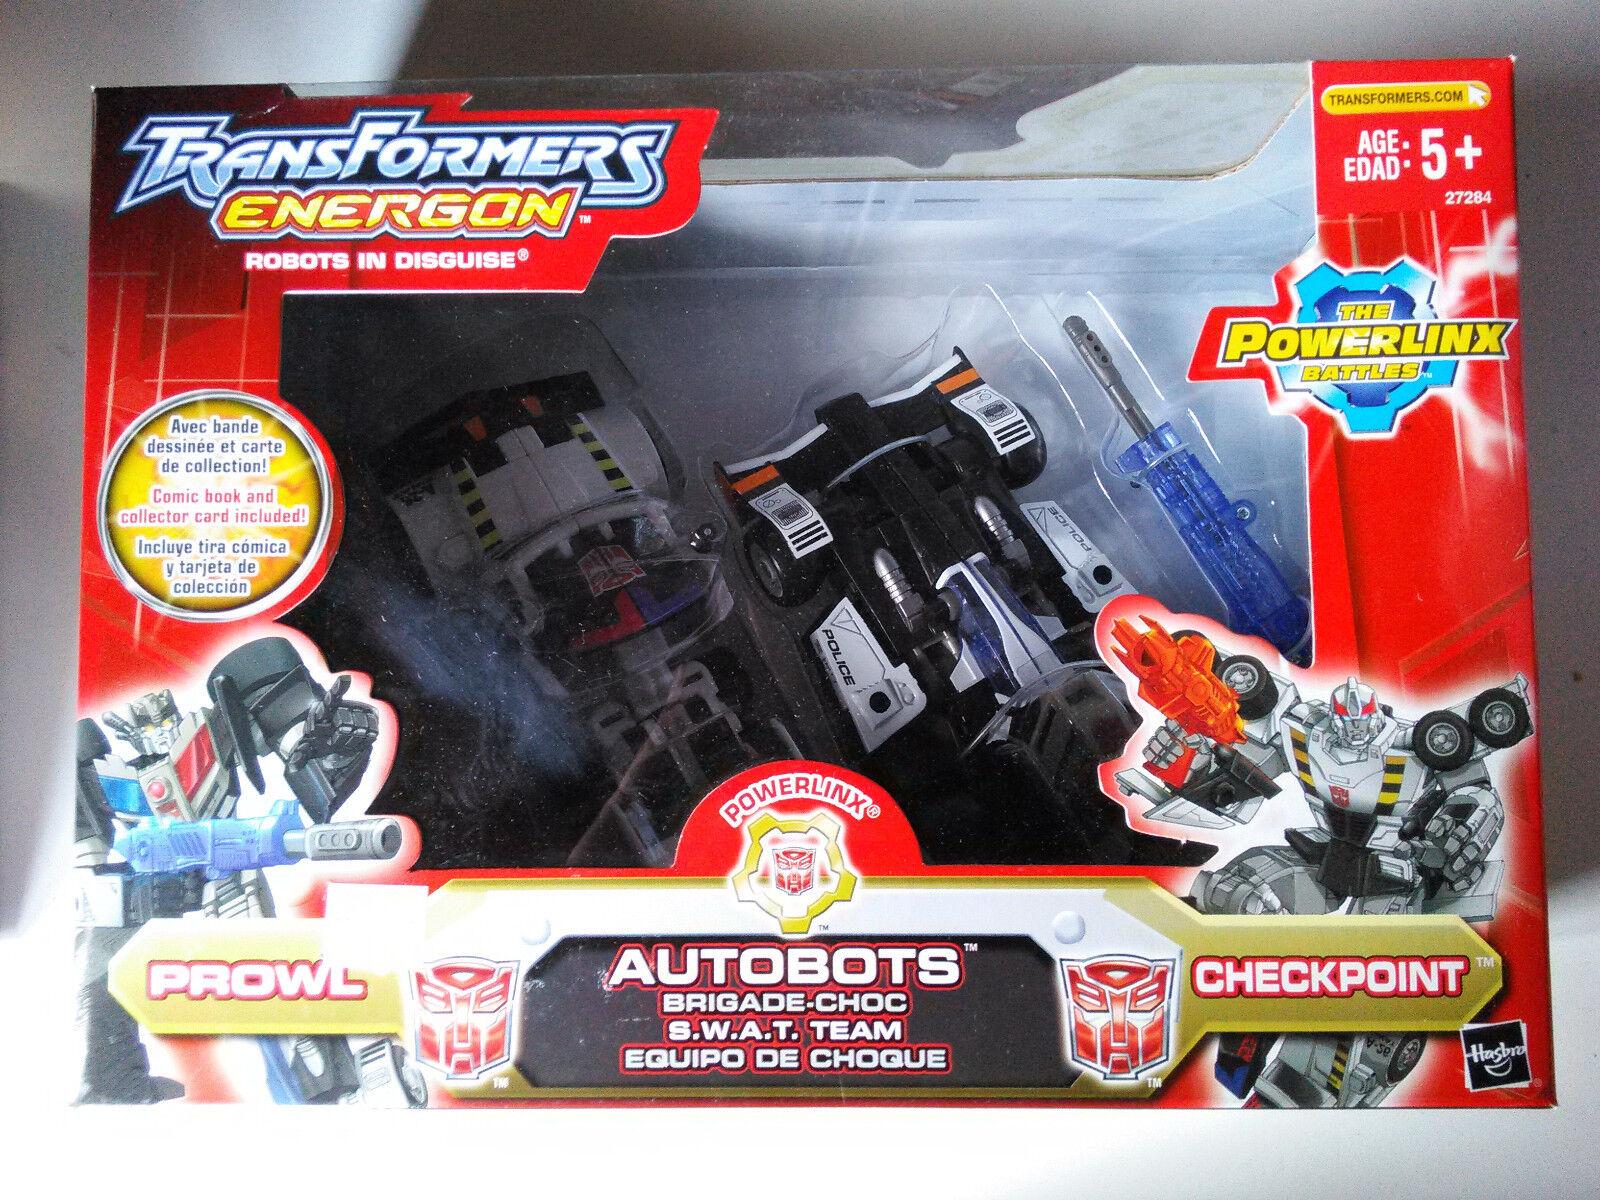 Transformers Energon acecho & Checkpoint Swat equipo ex Nuevo Envío Gratis EE. UU.